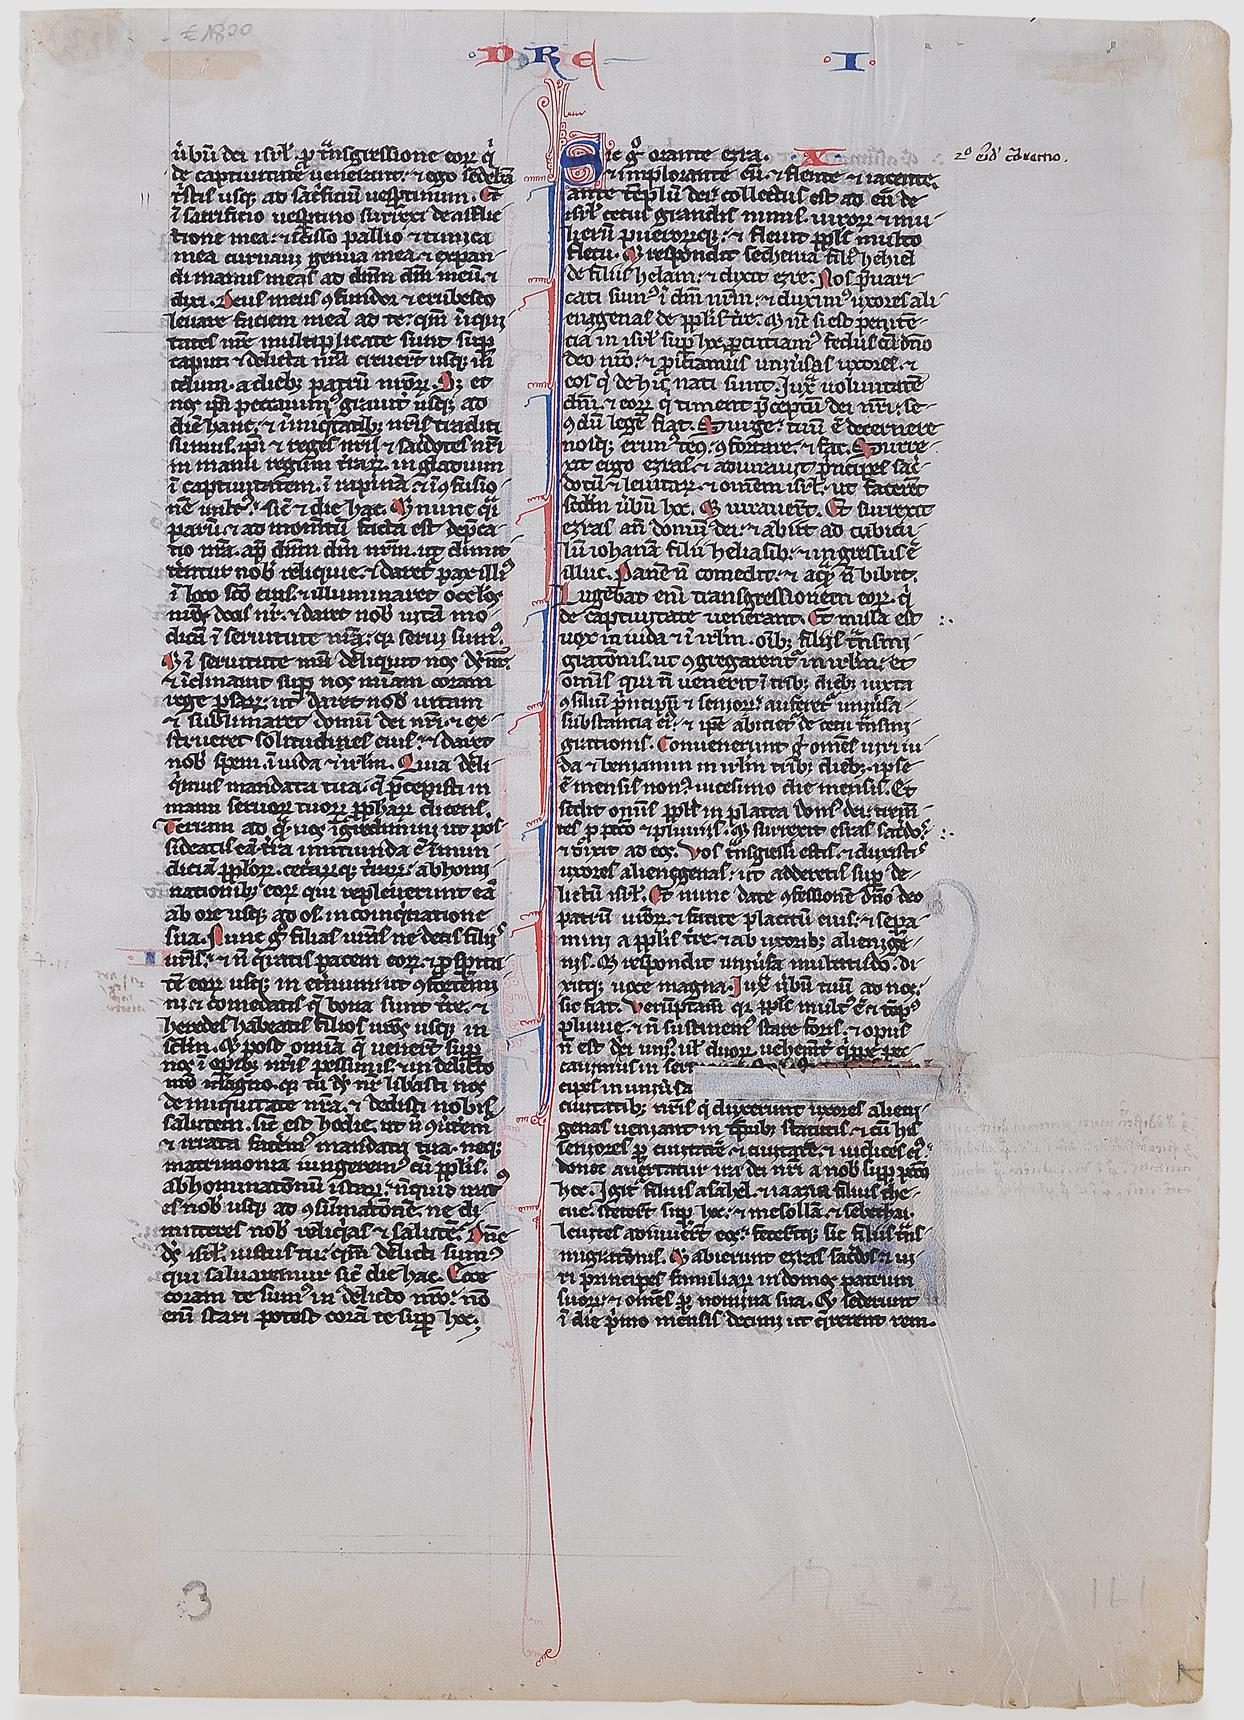 Buchmalerei, Illumination, um 1250 - Image 2 of 2